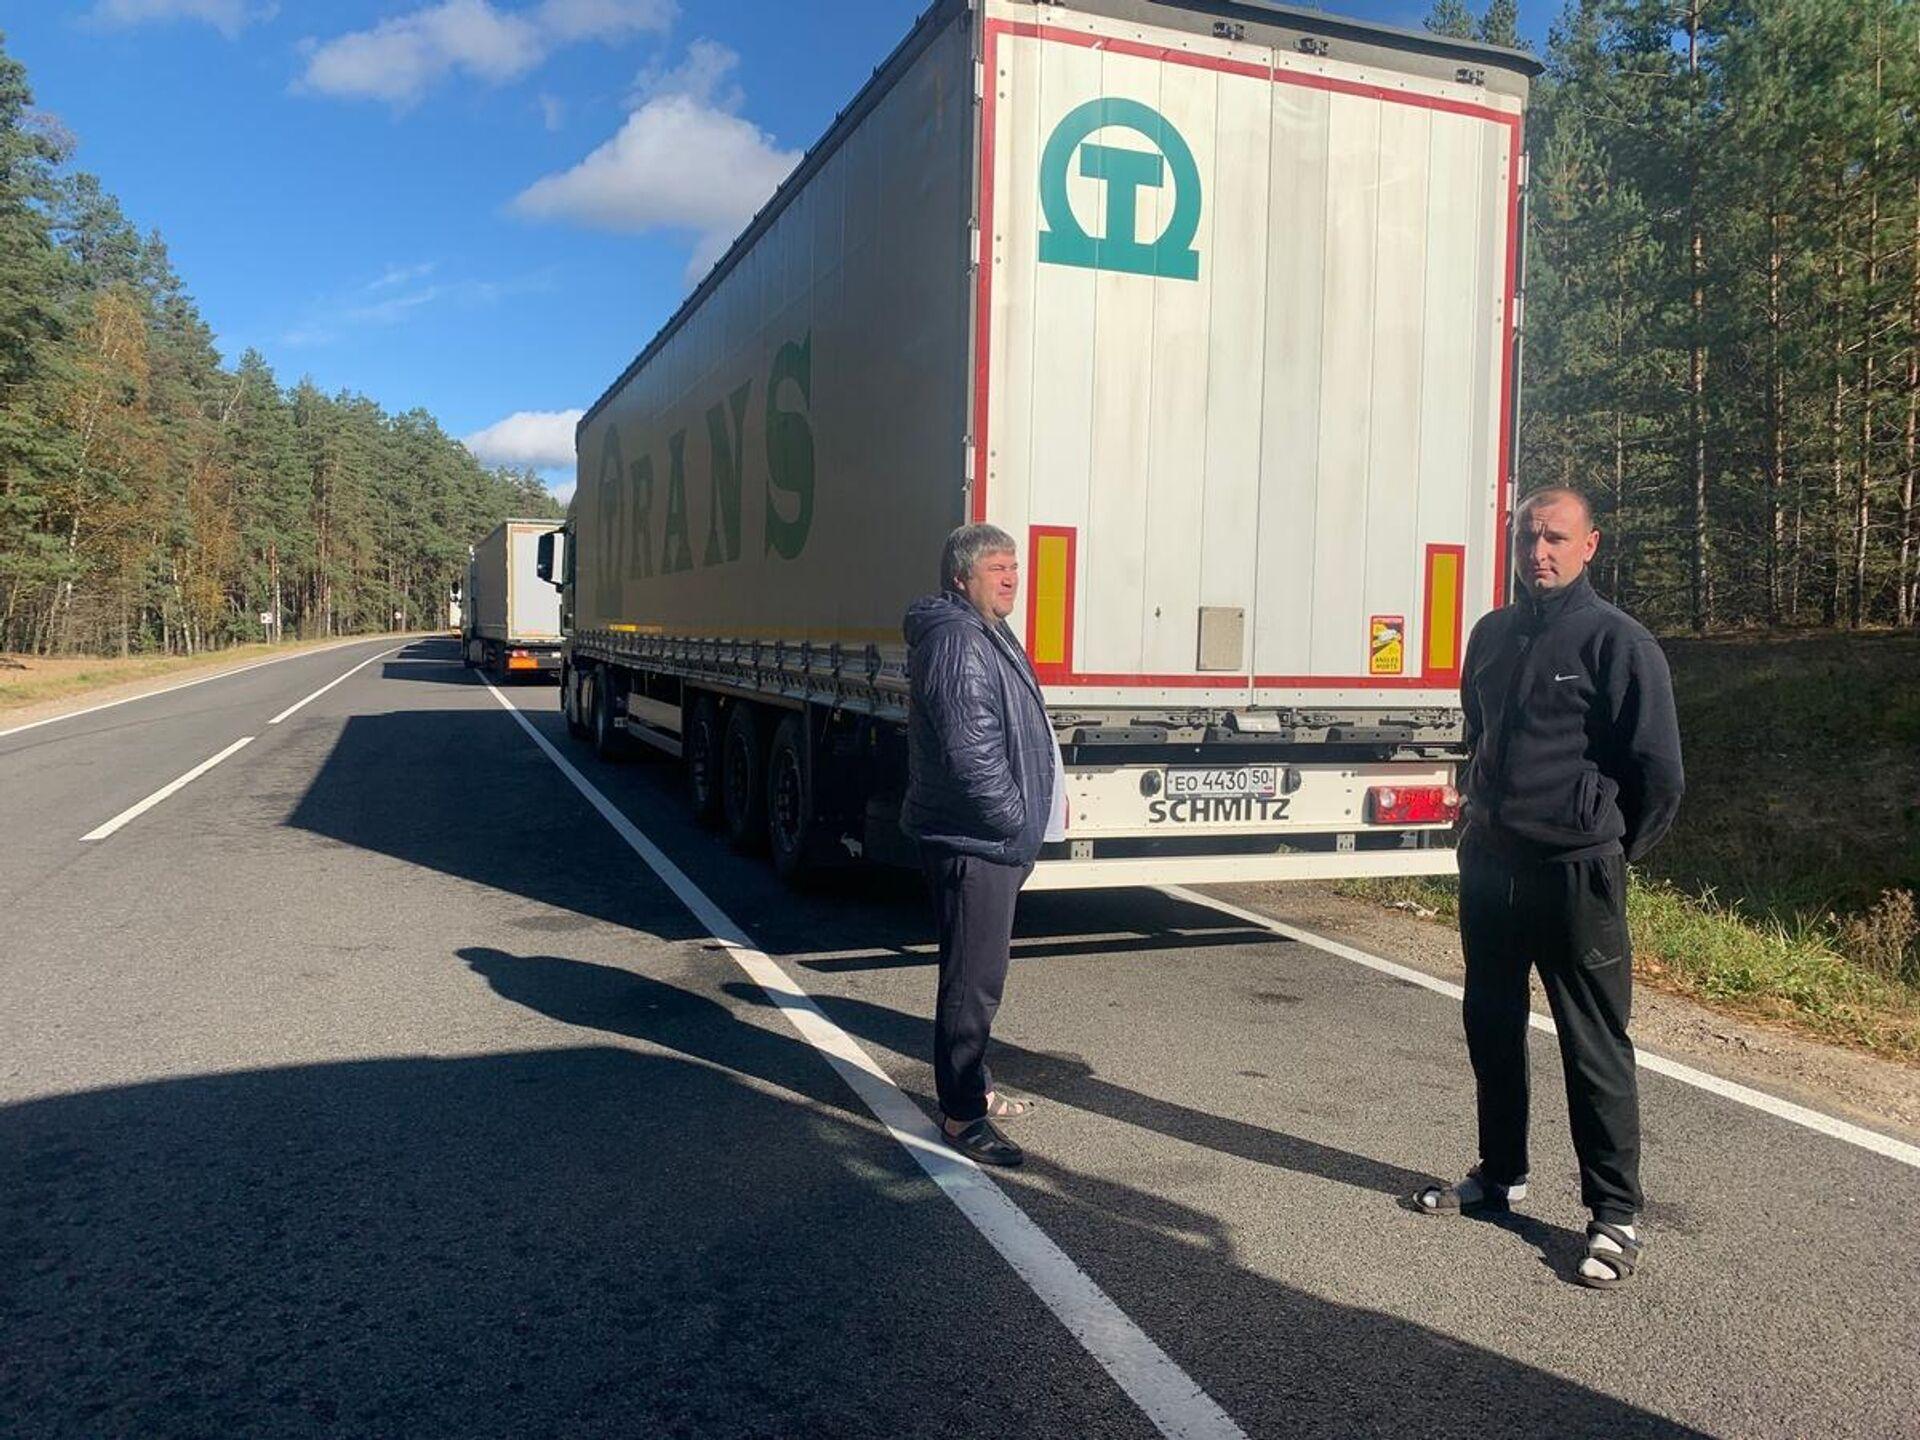 Водители больше жалуются на медленную работу литовской таможни, чем на сбой в белорусских программах на границе - Sputnik Беларусь, 1920, 14.10.2021